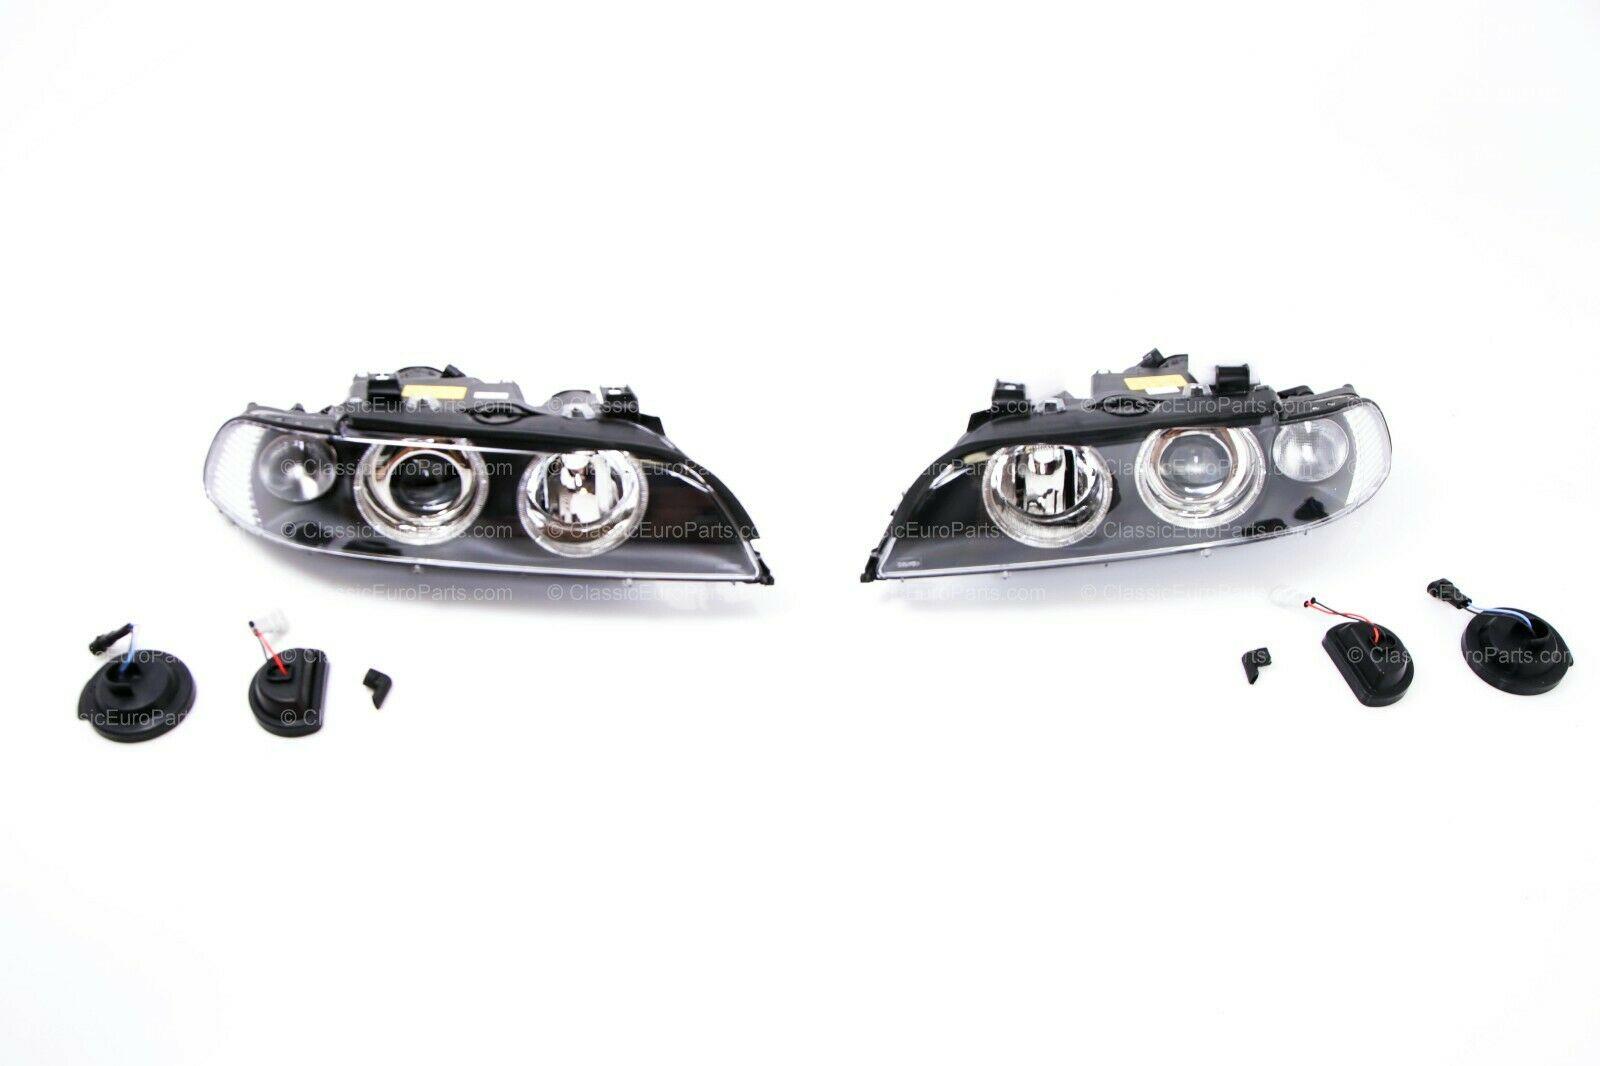 Euro Xenon headlight set for E39 facelift